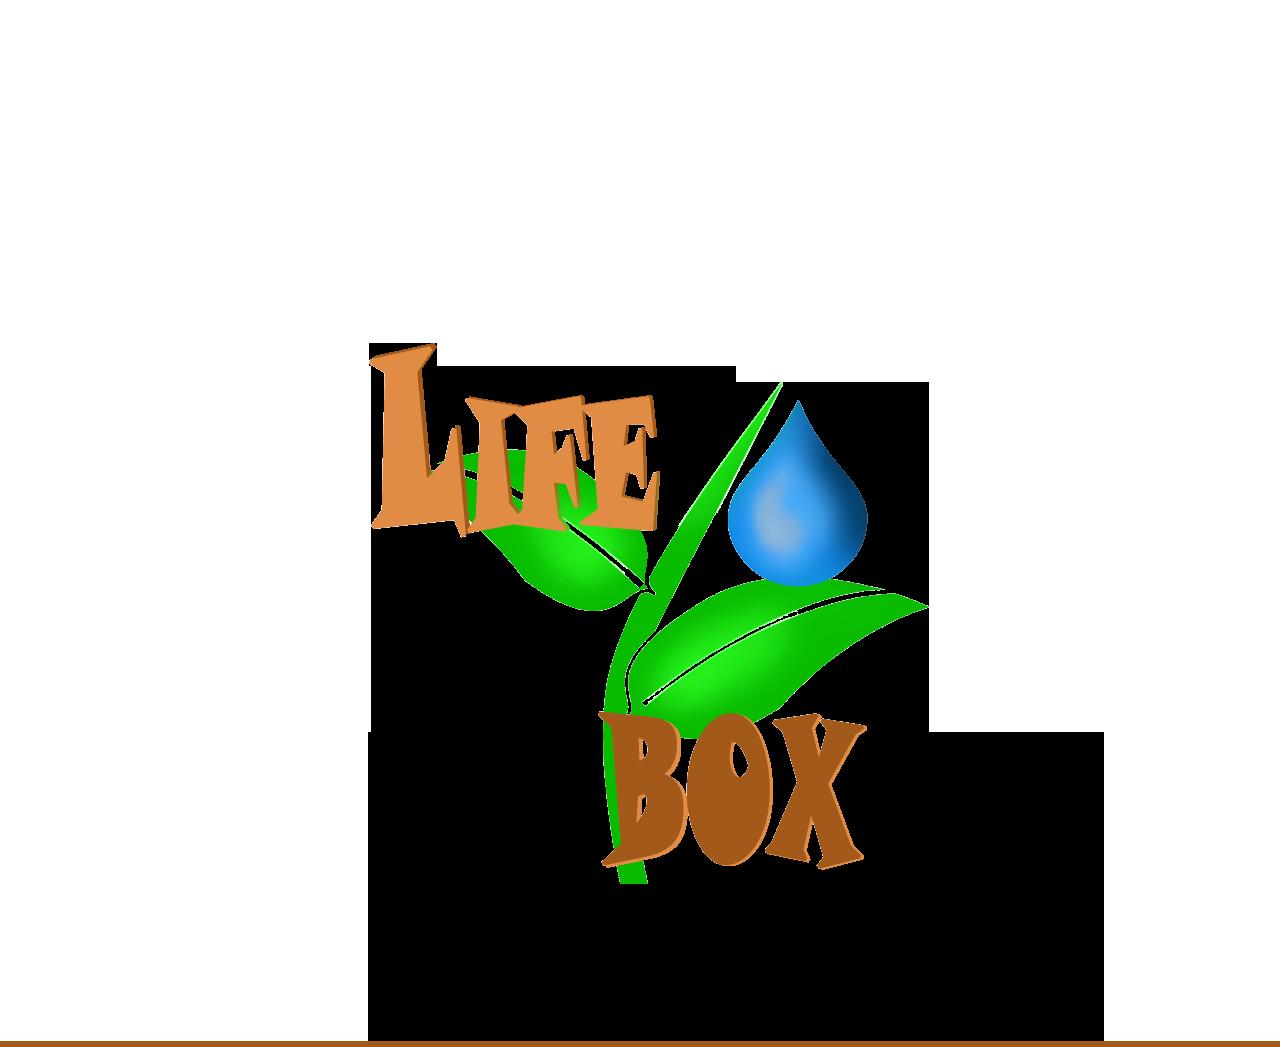 Разработка Логотипа. Победитель получит расширеный заказ  фото f_1155c2944e248125.png